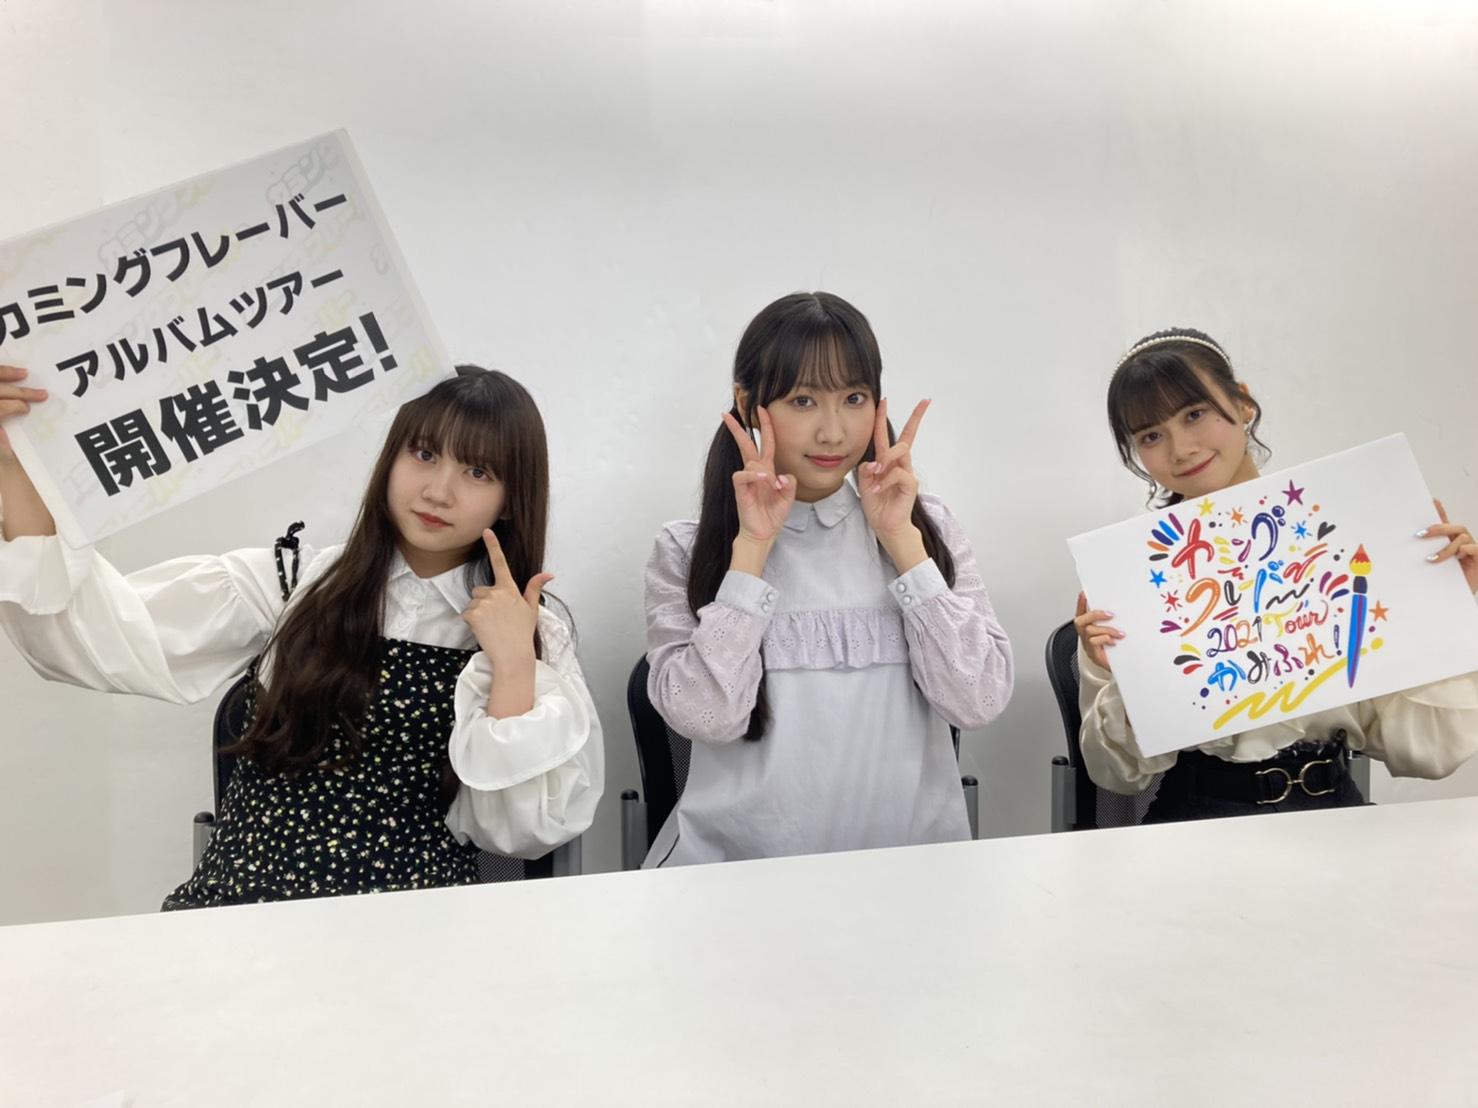 (左から)KIMIE、MIYO、MIZUKI